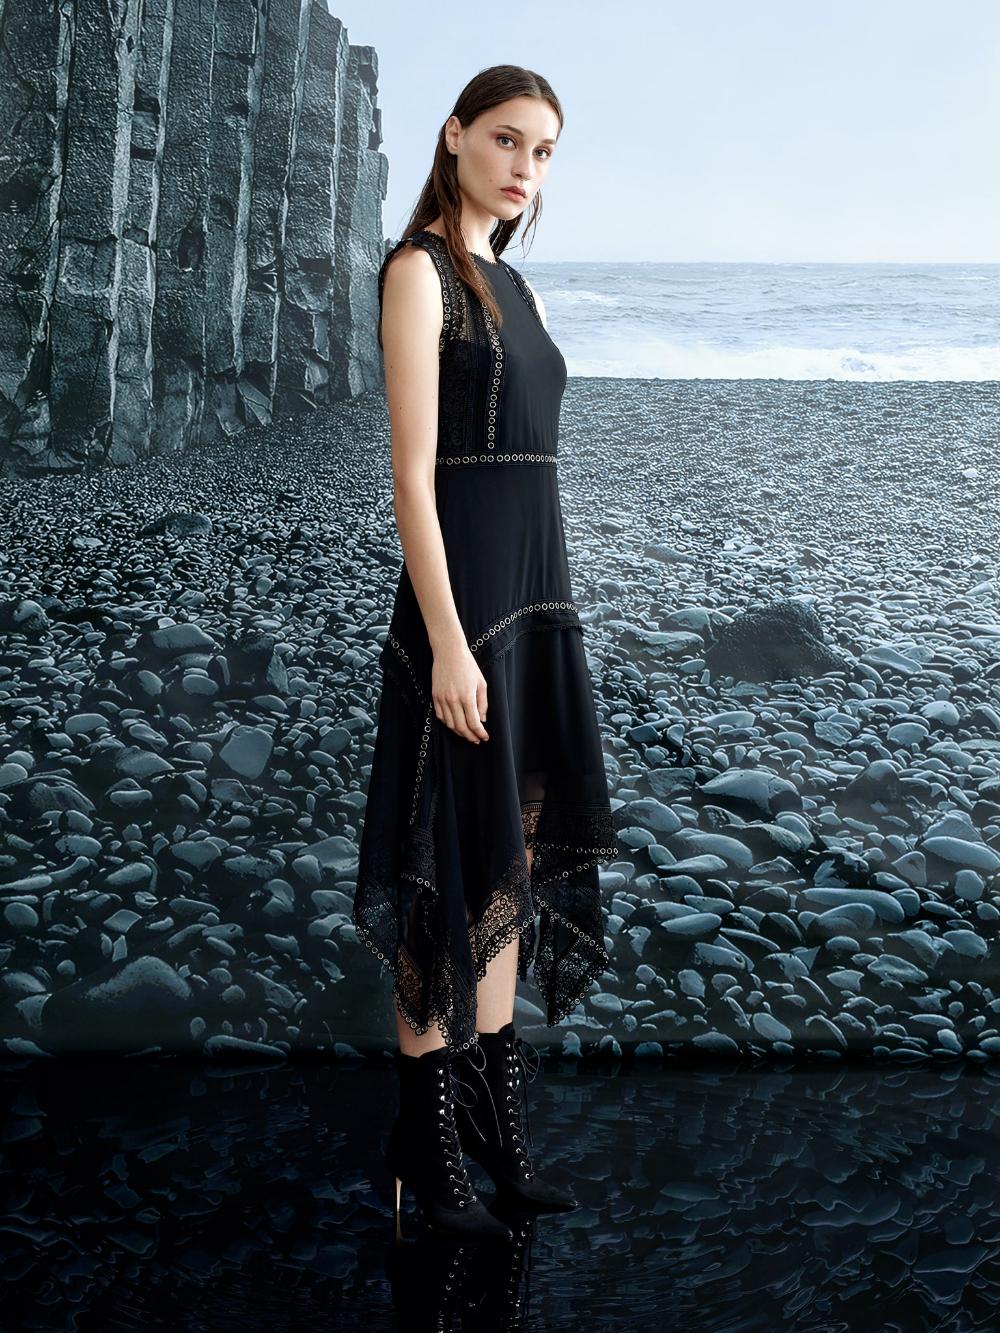 Siyah Kus Gozu Seritli Asimetrik Elbise Iw6190002156001 Ipekyol Elbise Asimetrik Elbise The Dress